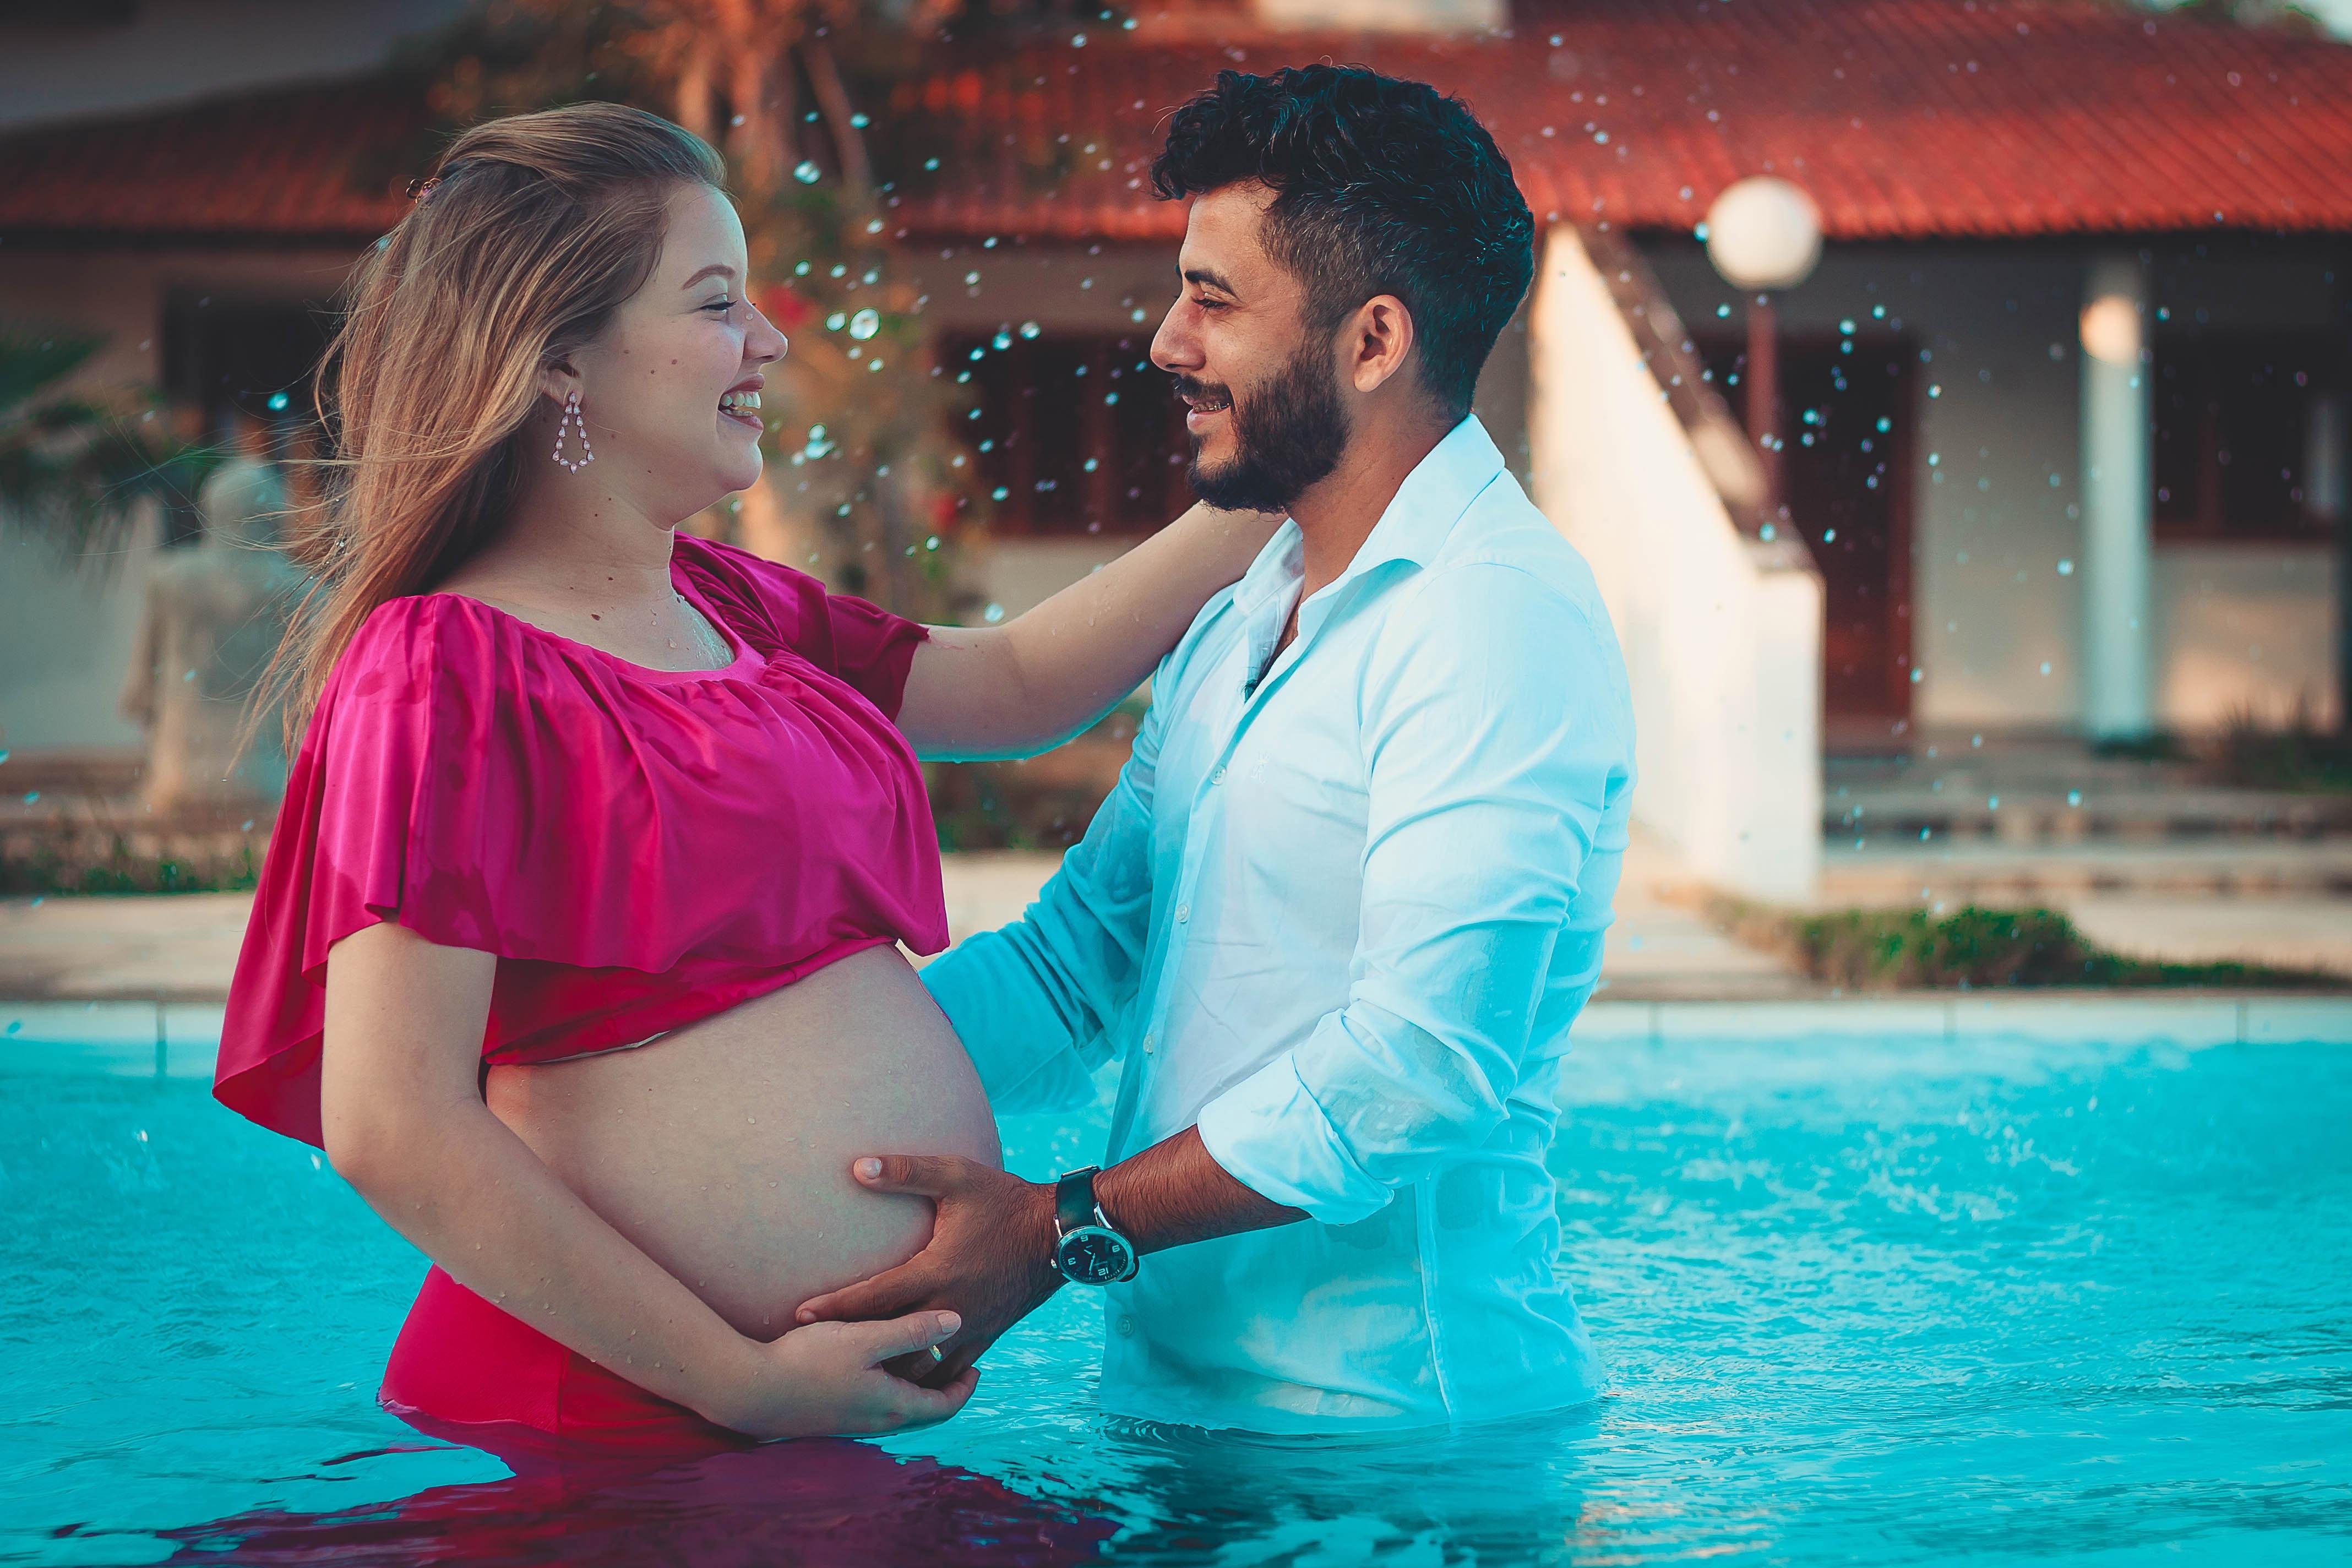 Les bienfaits du tournage photo de grossesse